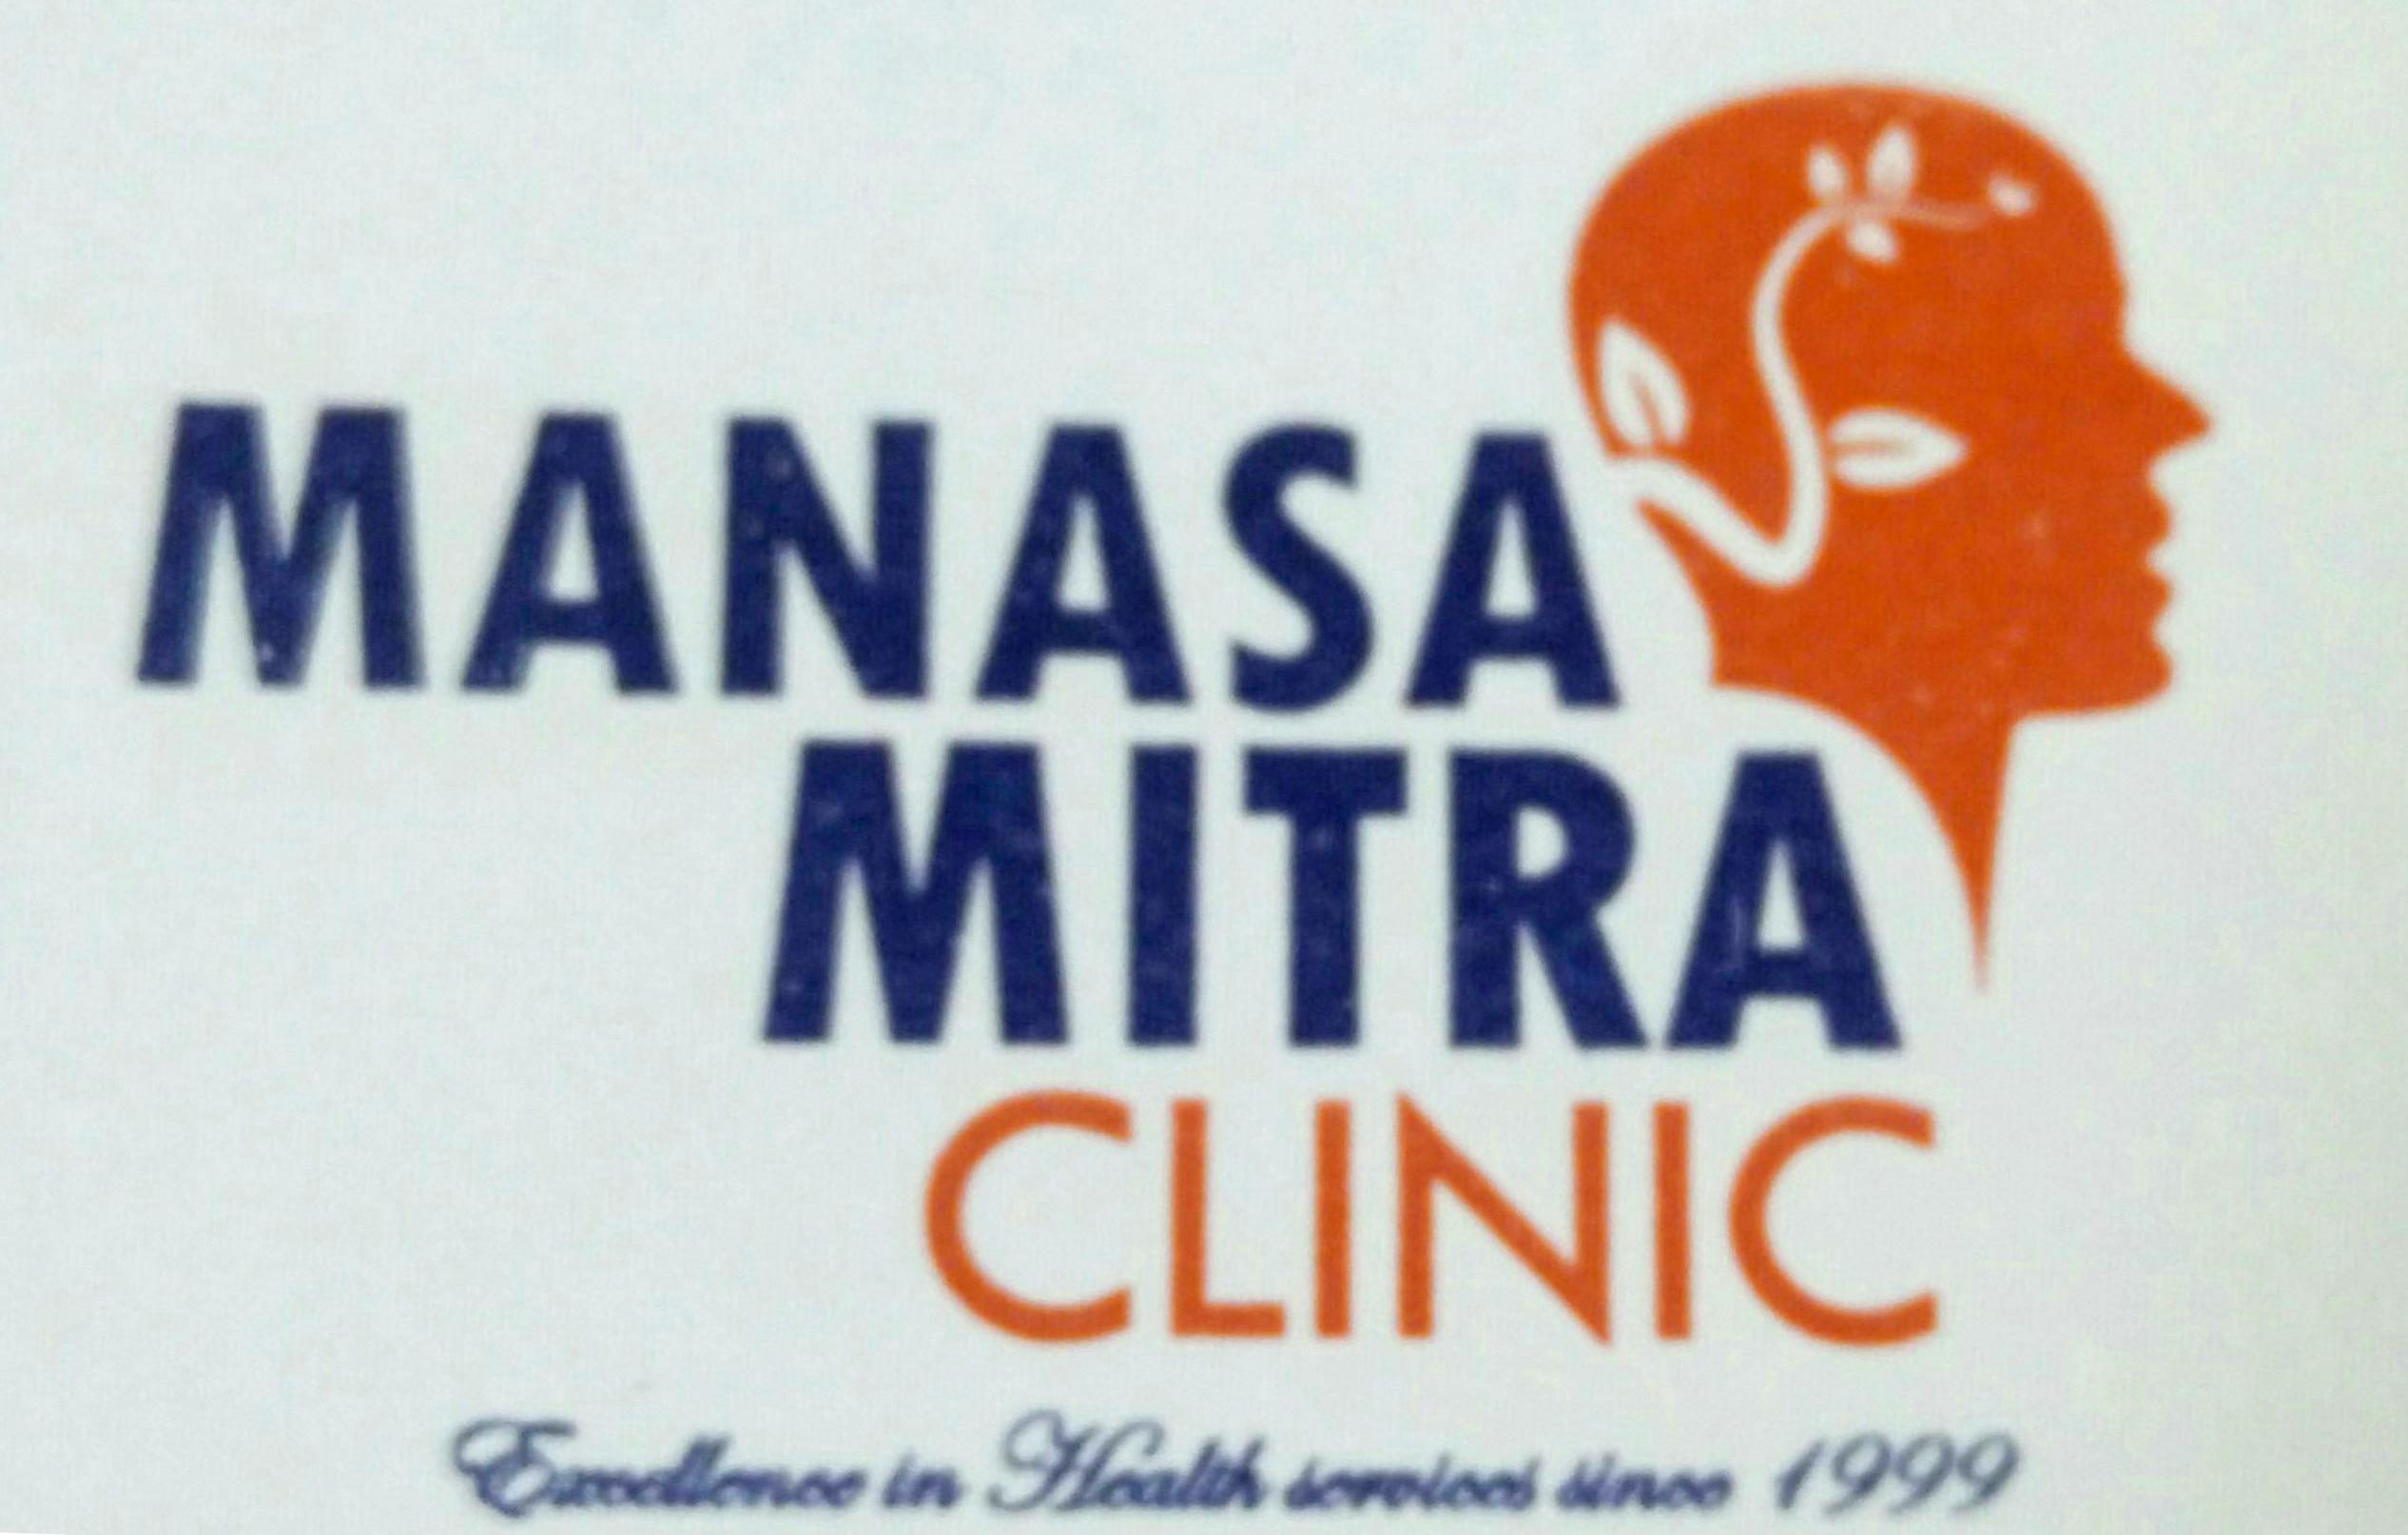 Manasa Mitra Clinic